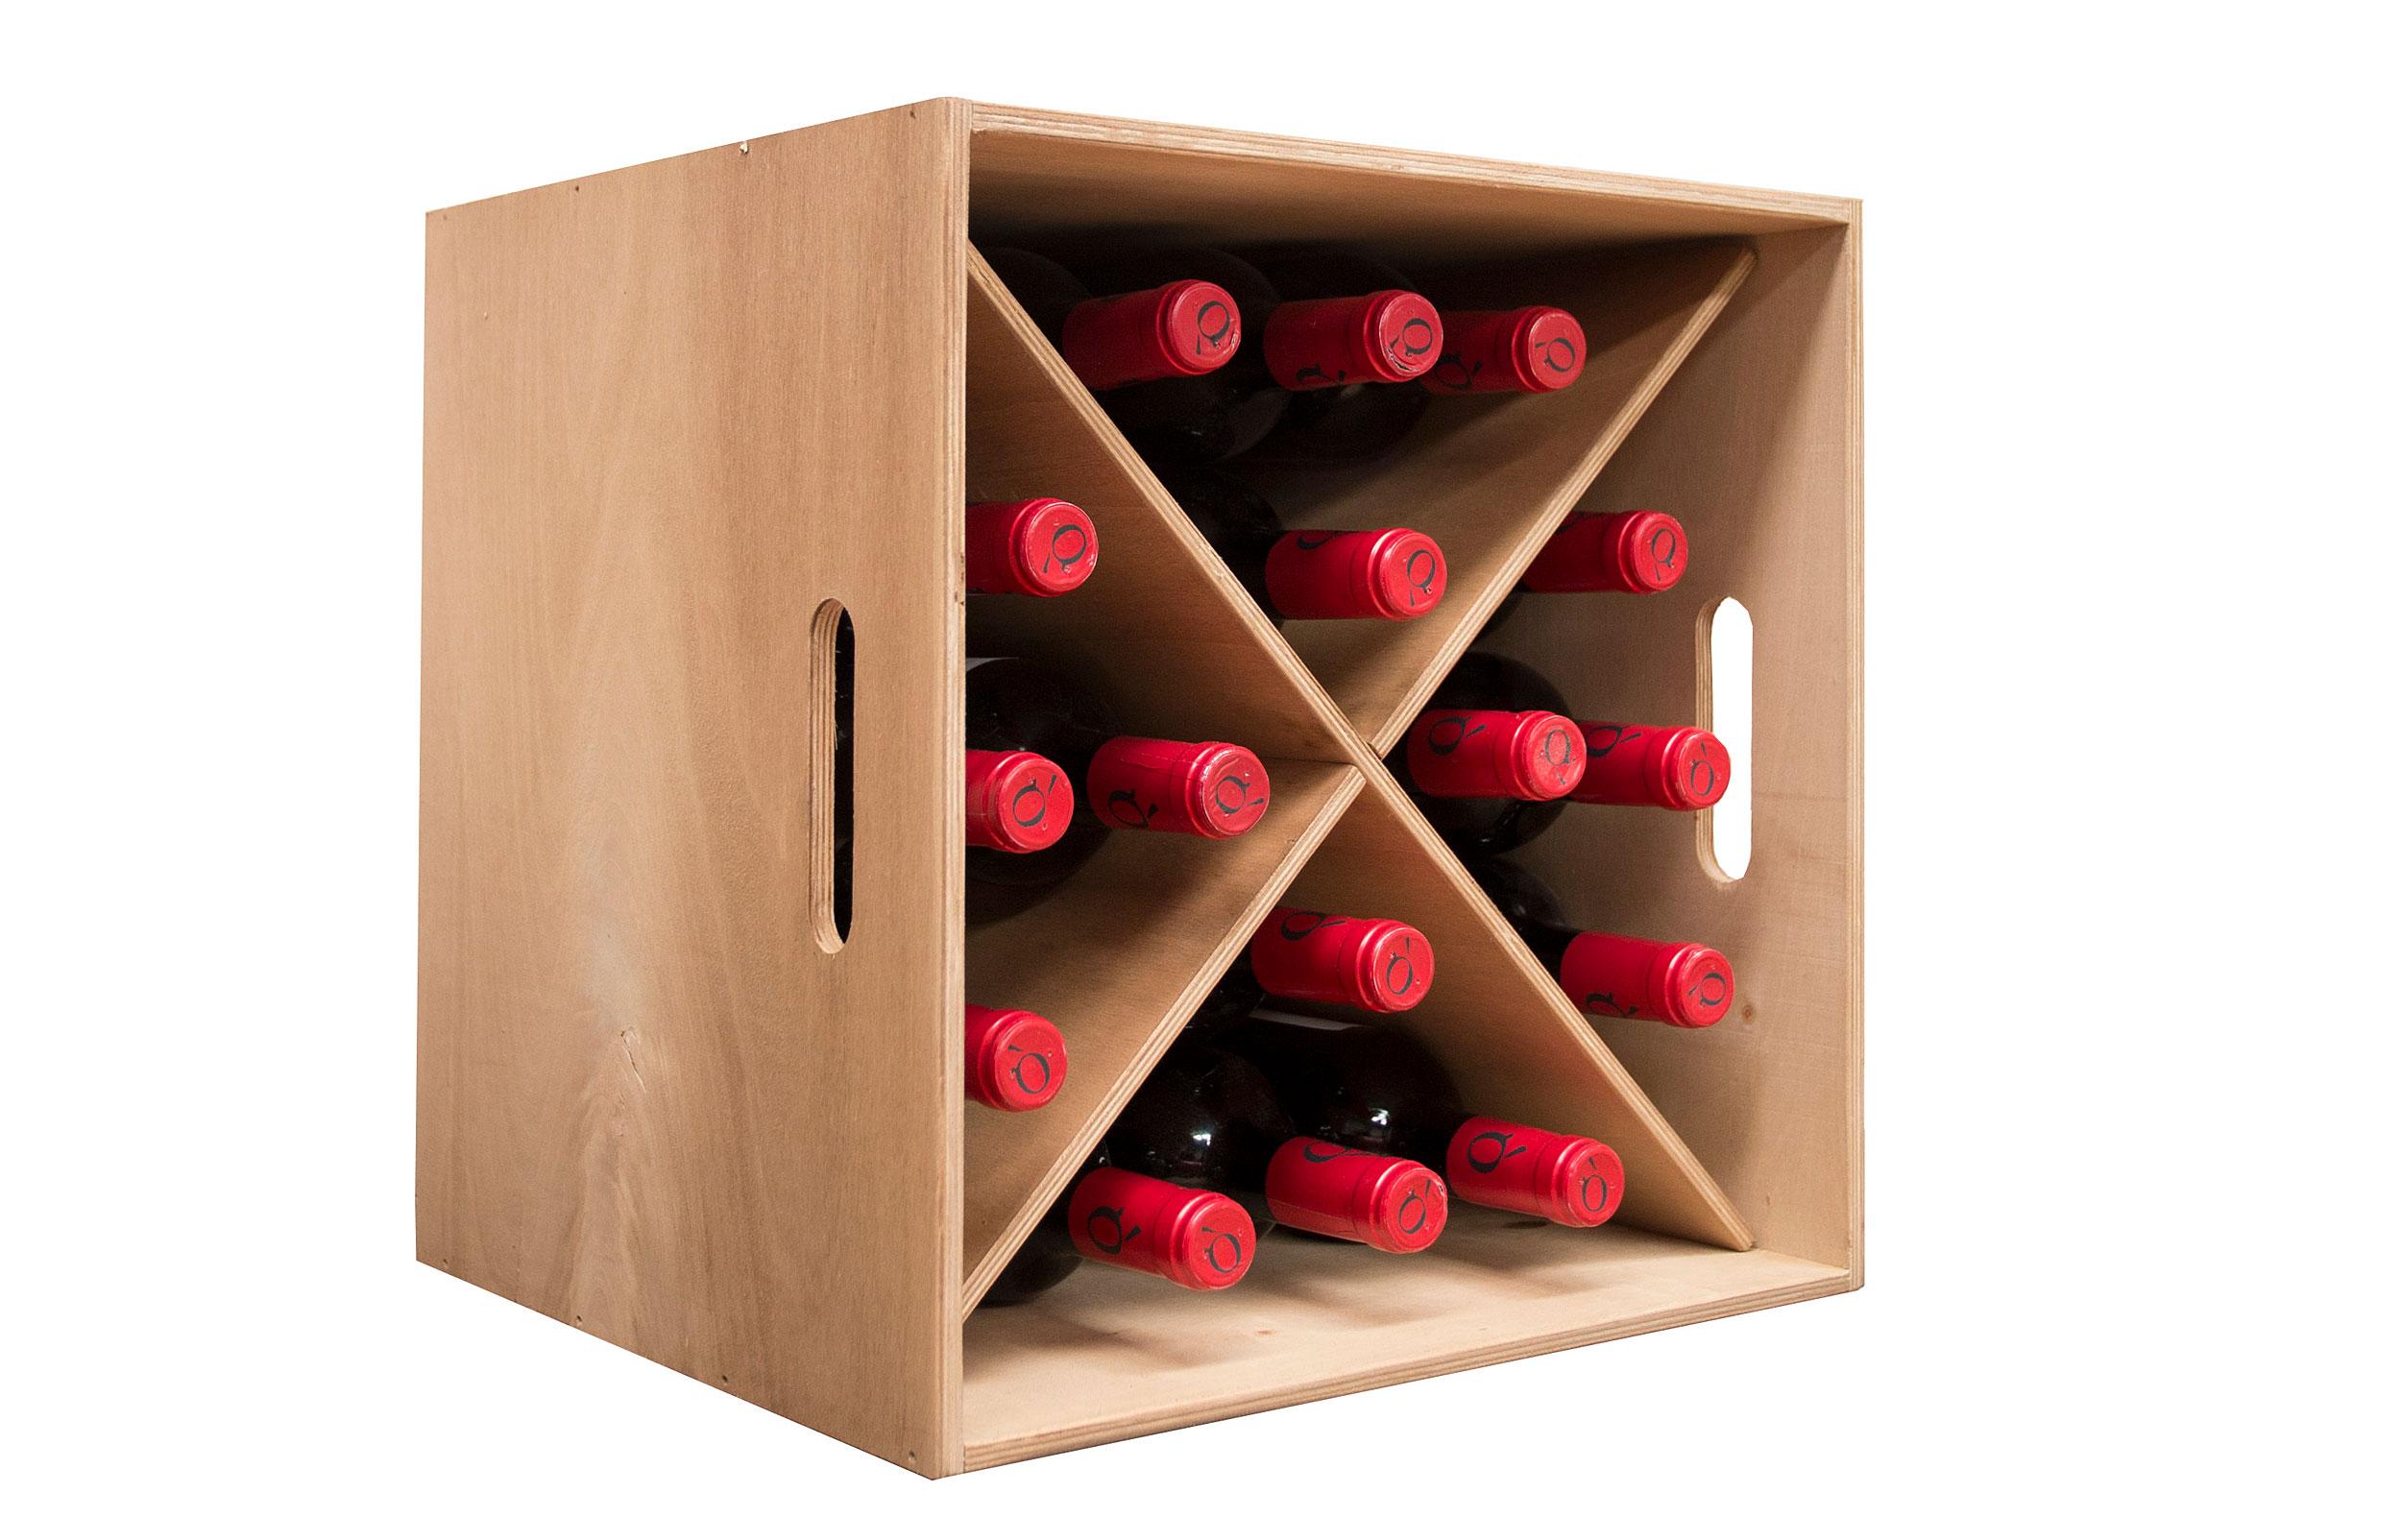 Botellero En Roble Capacidad Para 16 Botellas En Cosas De  # Muebles Botelleros